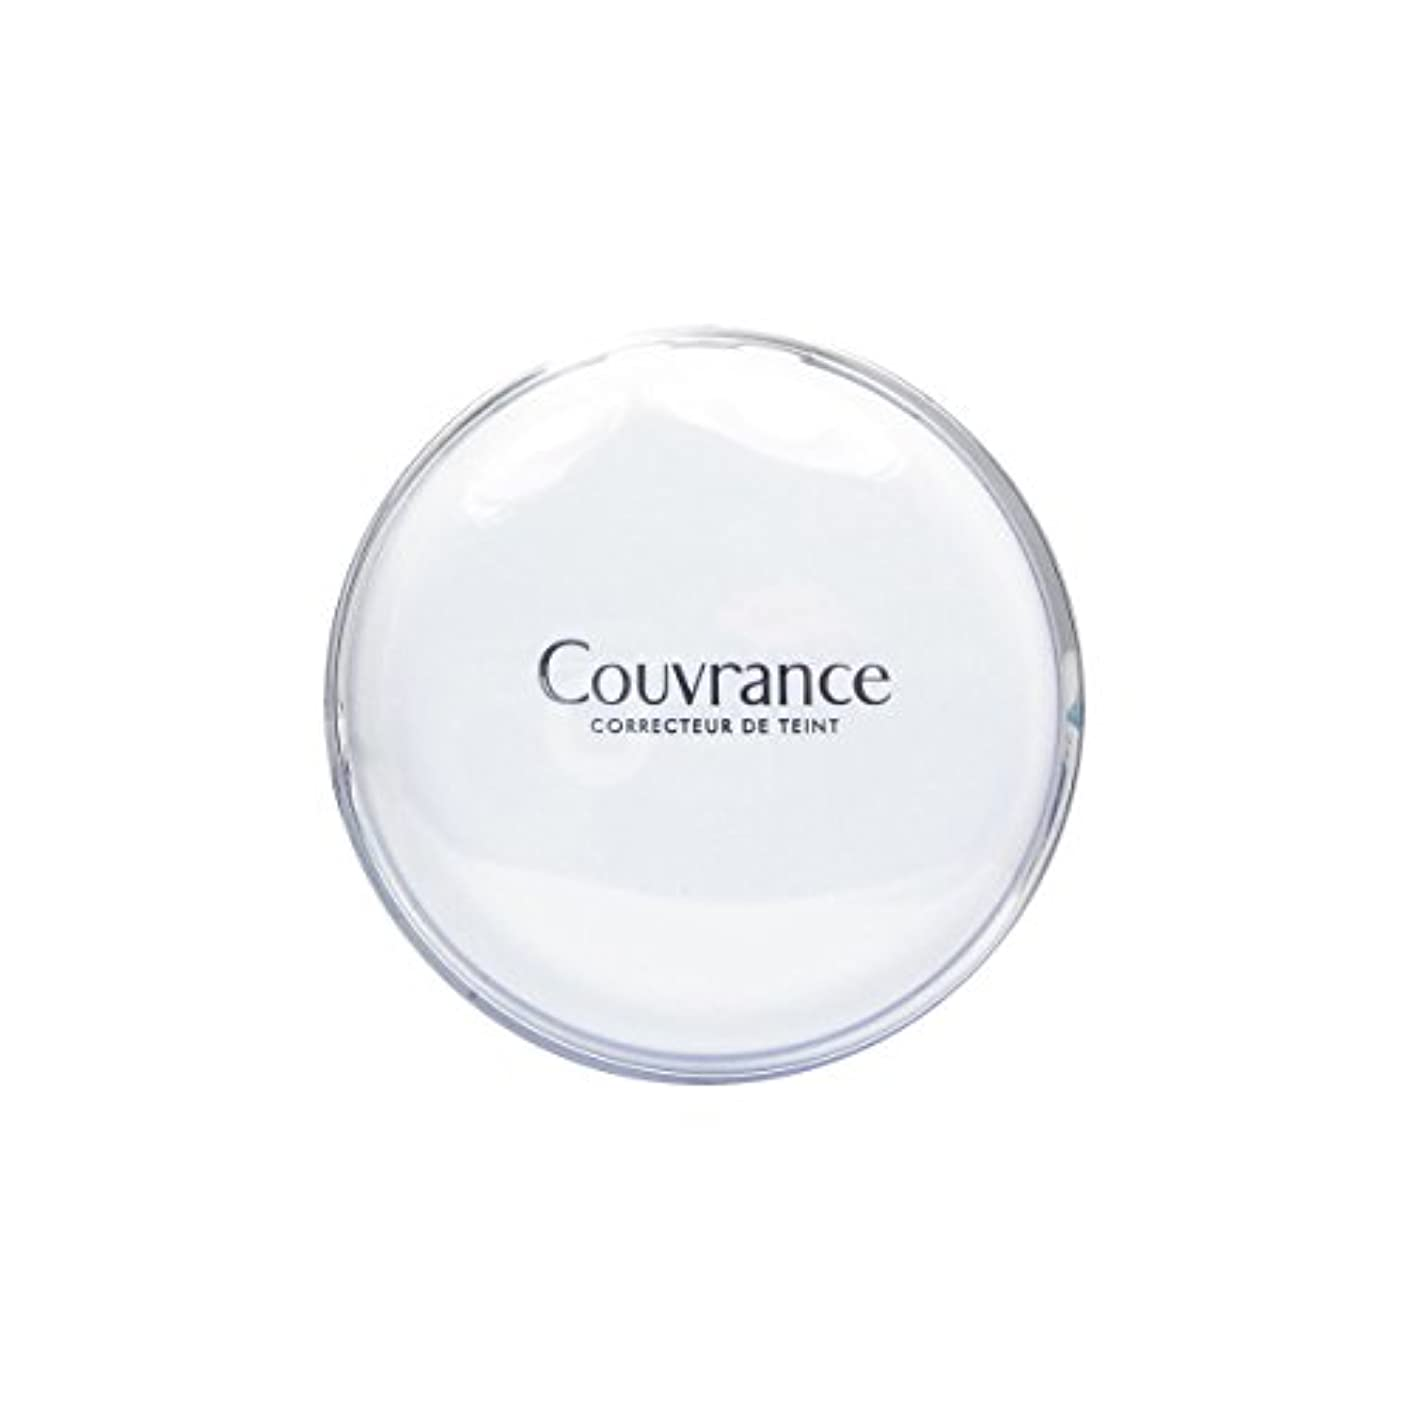 理容師クリケットコーナーAvene Couvrance Compact Confort Cream 2.5 Beige 10gr [並行輸入品]